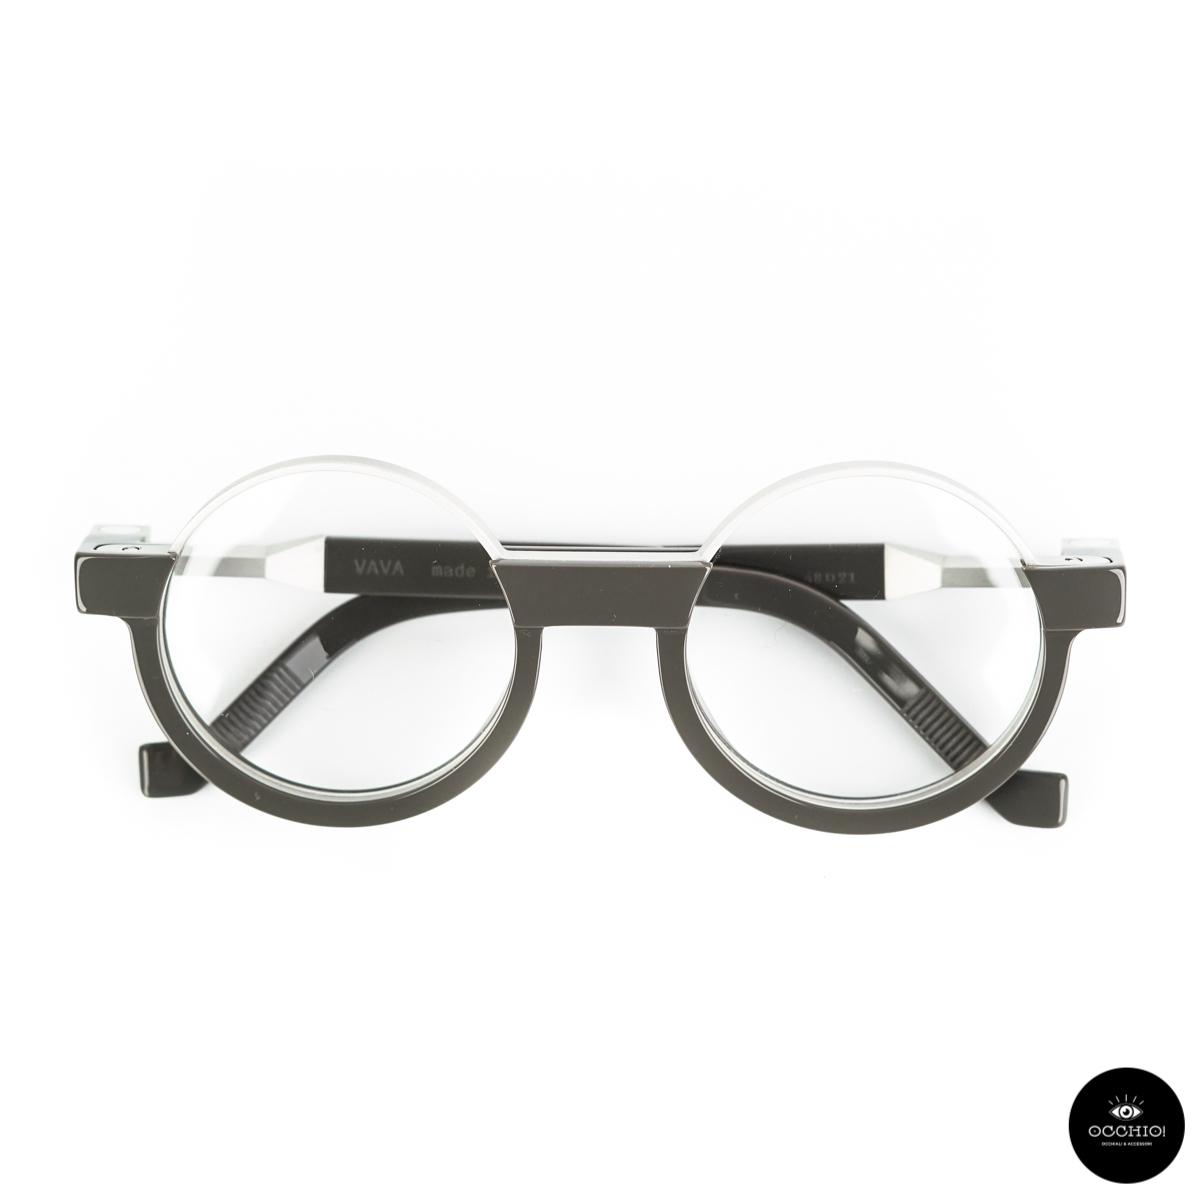 VAVA eyewear CL0006 Dark Grey by Alvaro Siza Vieira